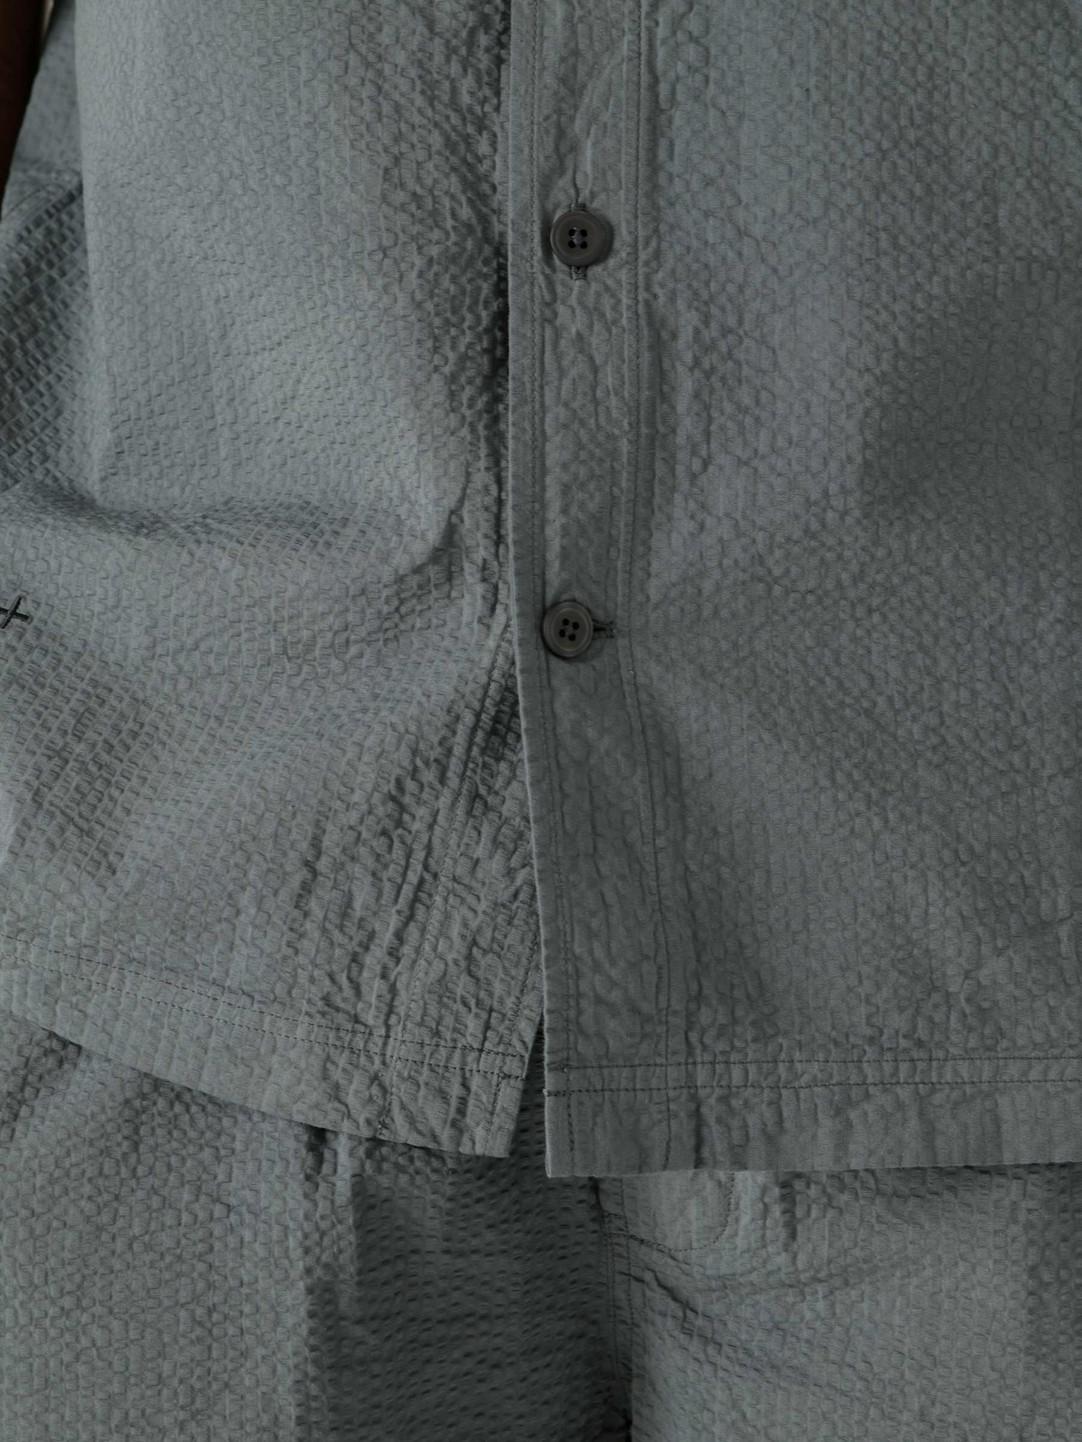 Quality Blanks Quality Blanks QB46 Seersucker Shirt Teal Blue